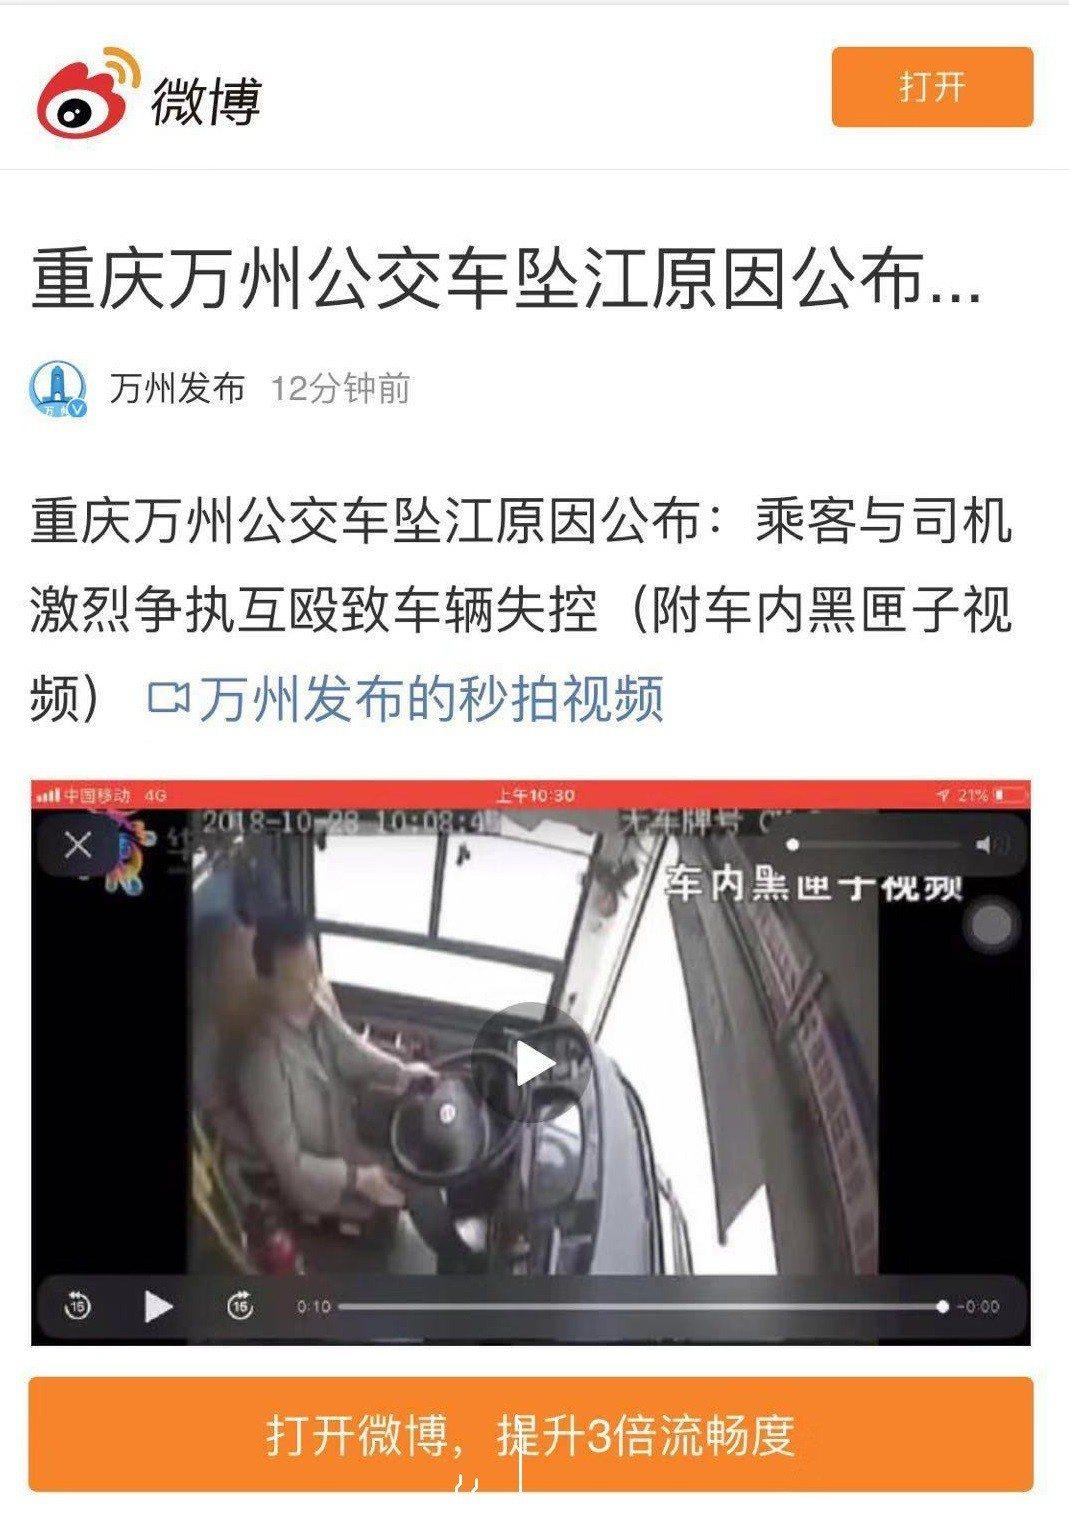 重慶萬江在官方微博發布影片。新浪微博截圖